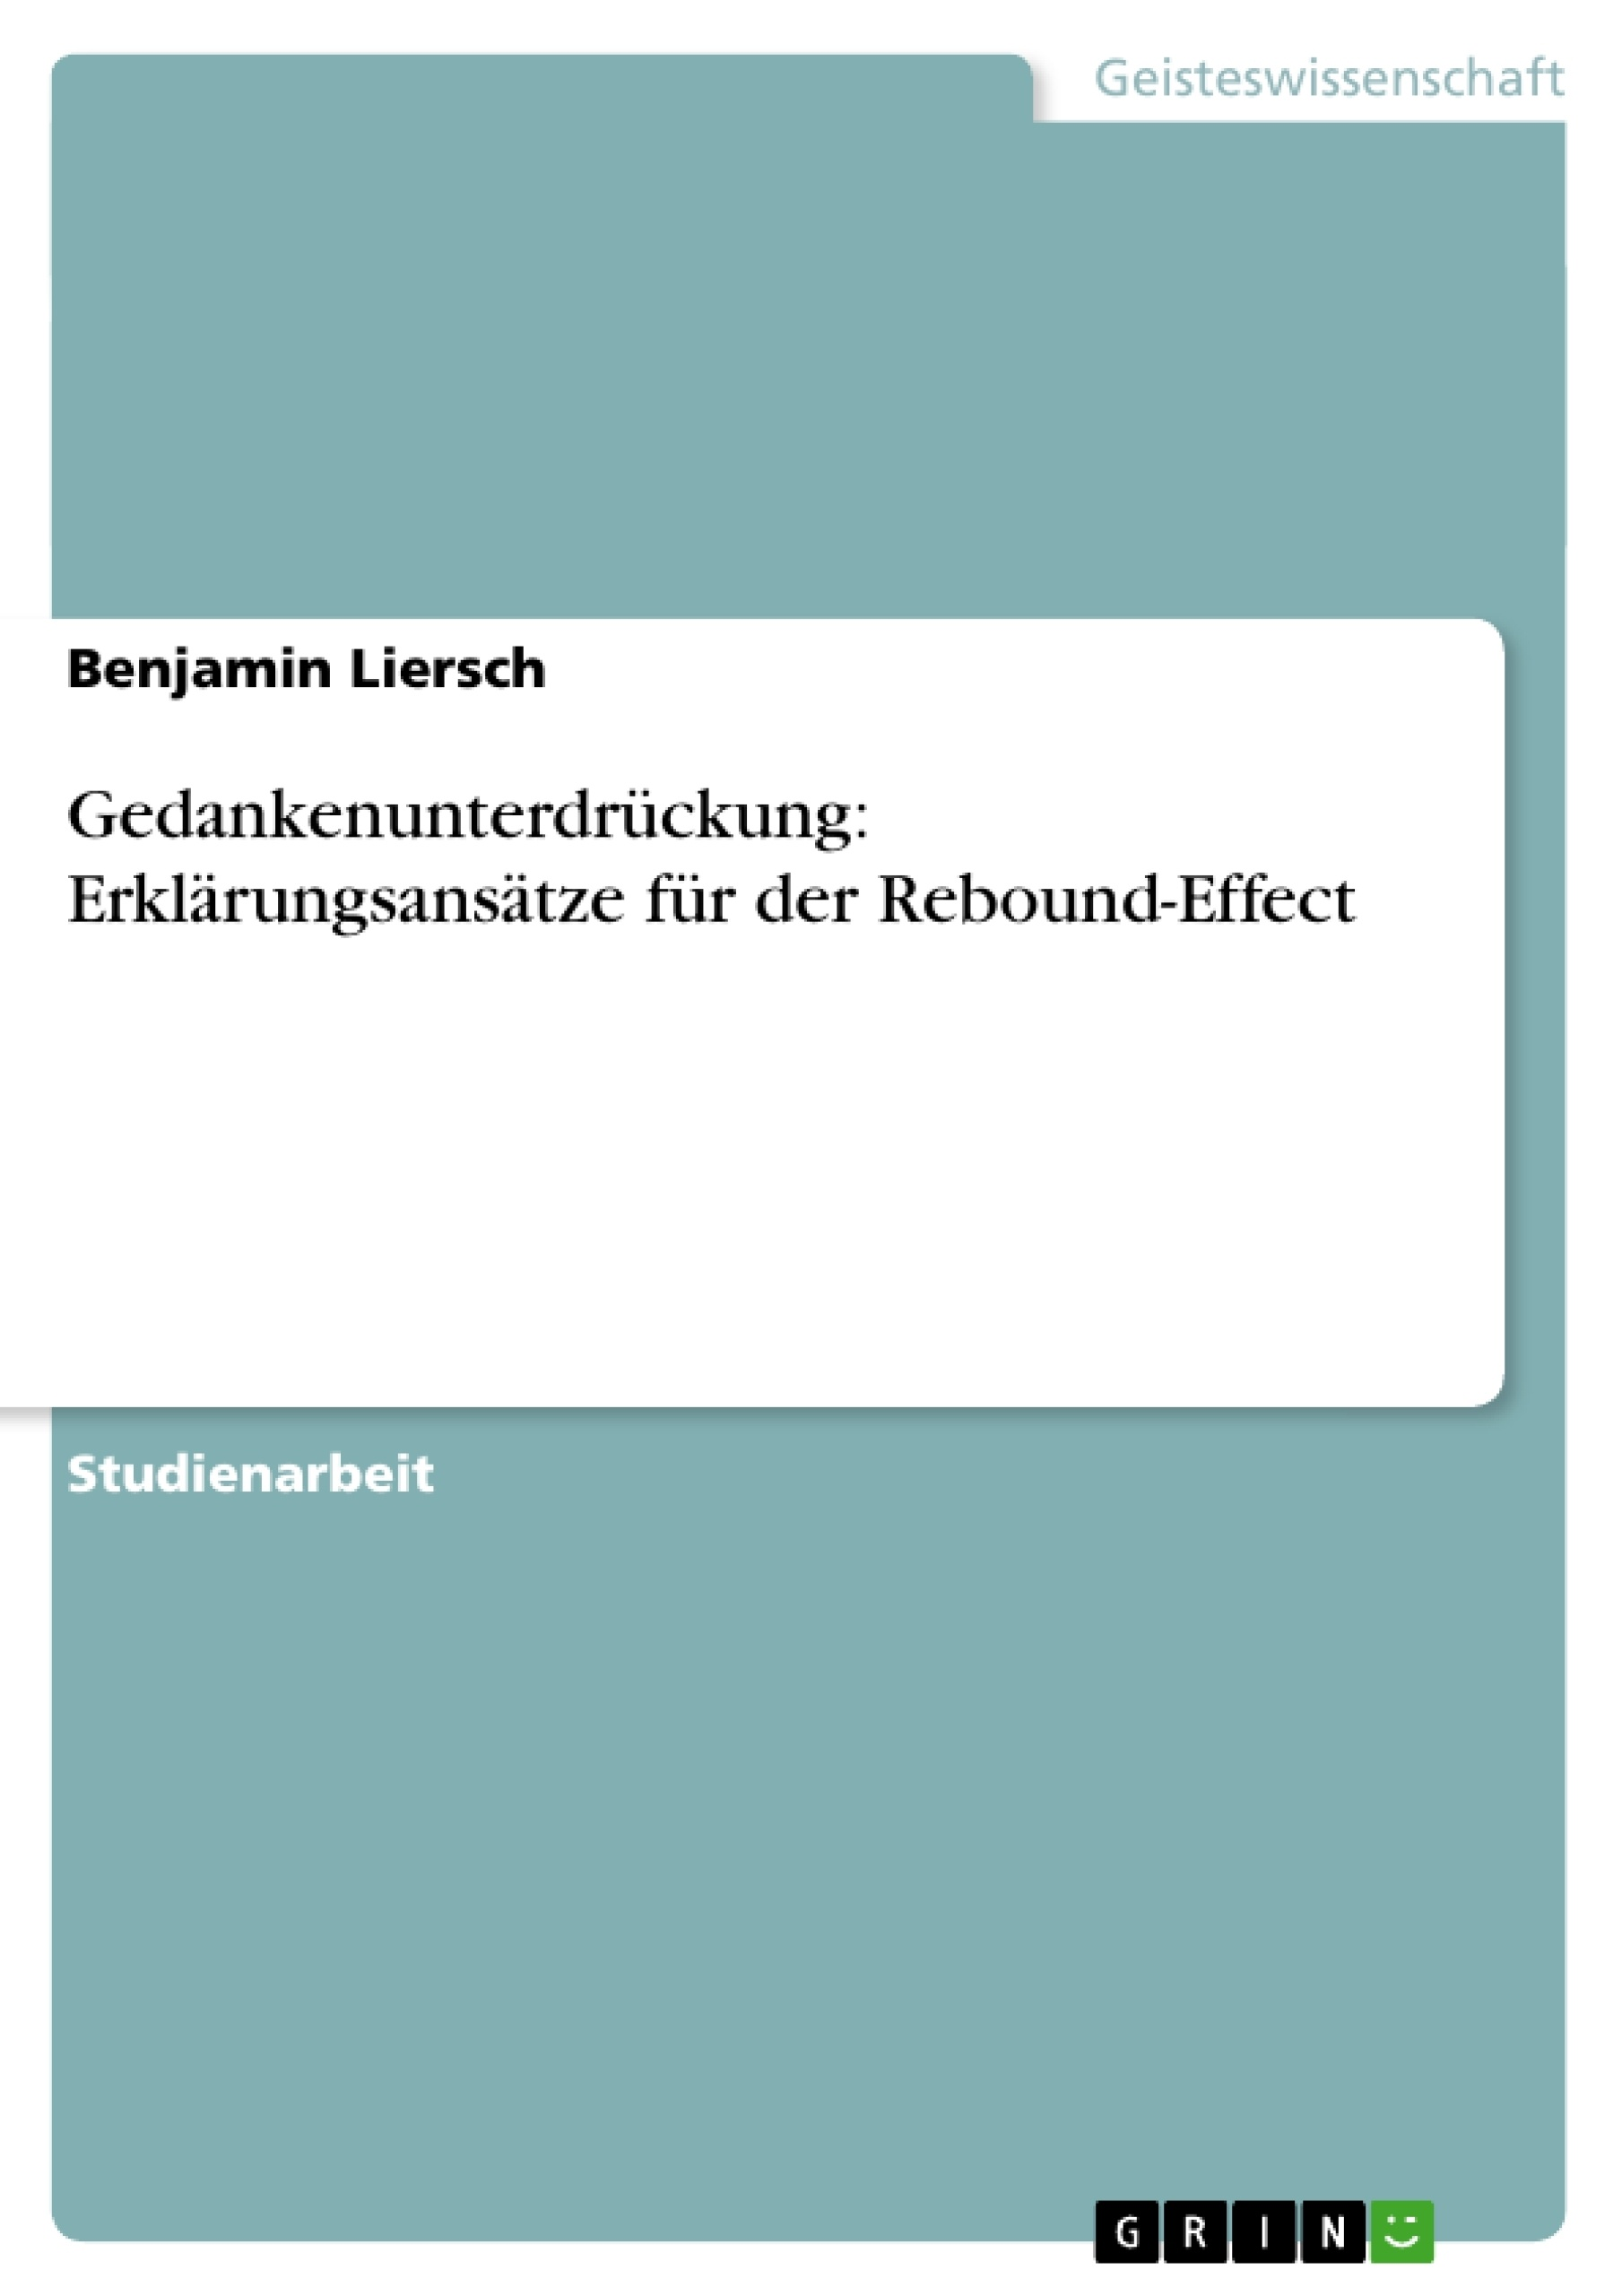 Titel: Gedankenunterdrückung: Erklärungsansätze für der Rebound-Effect